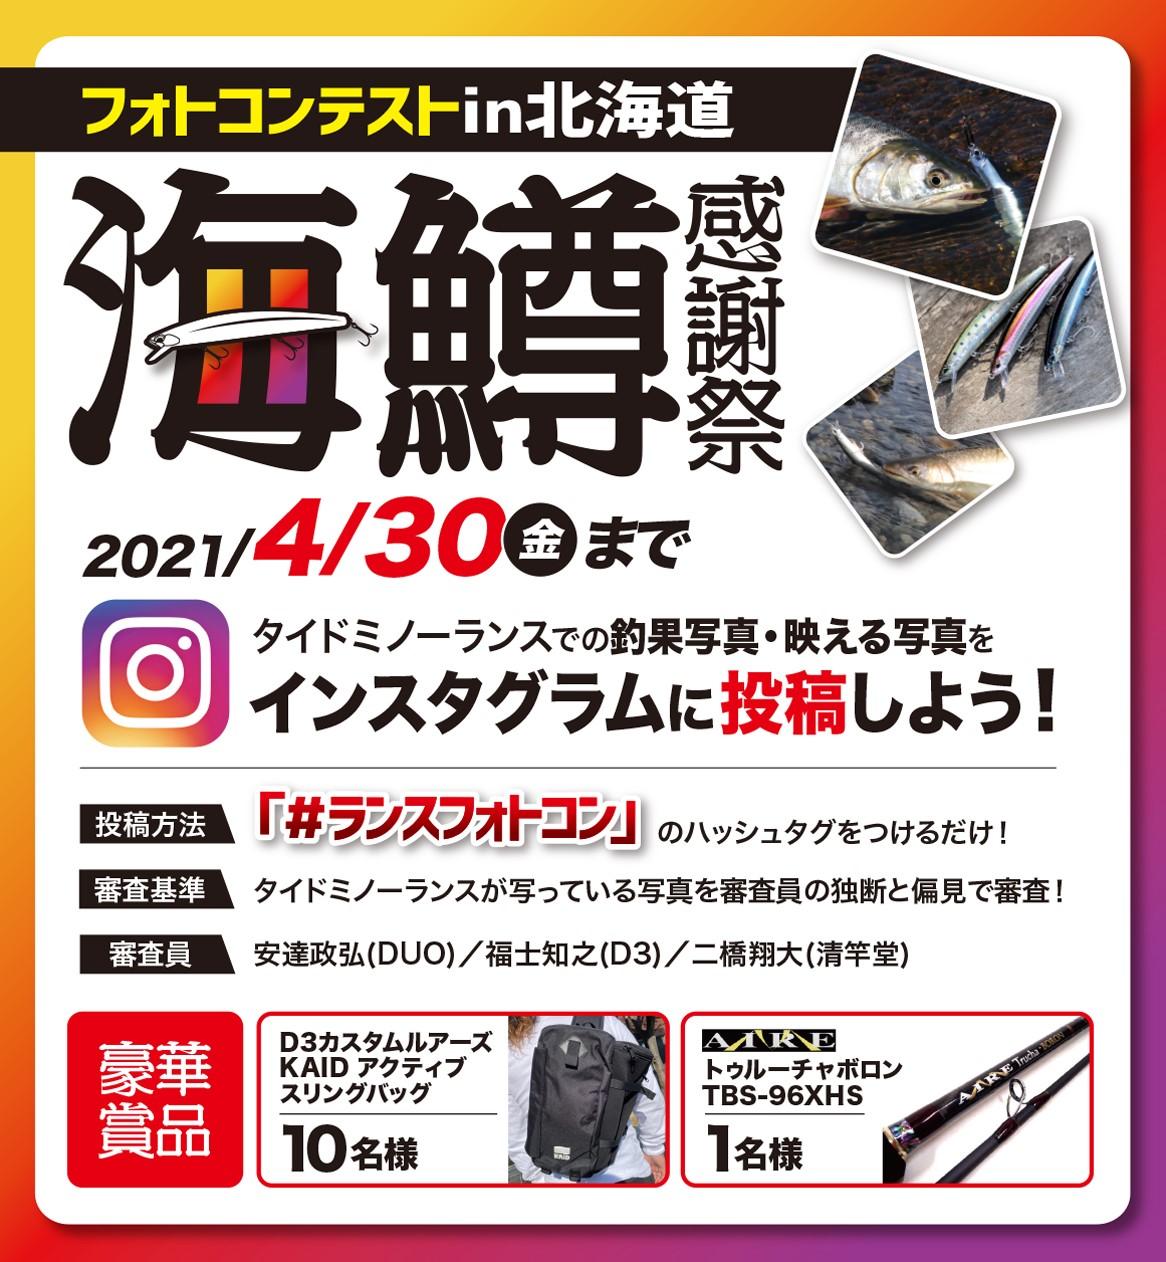 """Instagramフォトコンテストin北海道  """"海鱒感謝祭 """"開催‼️"""